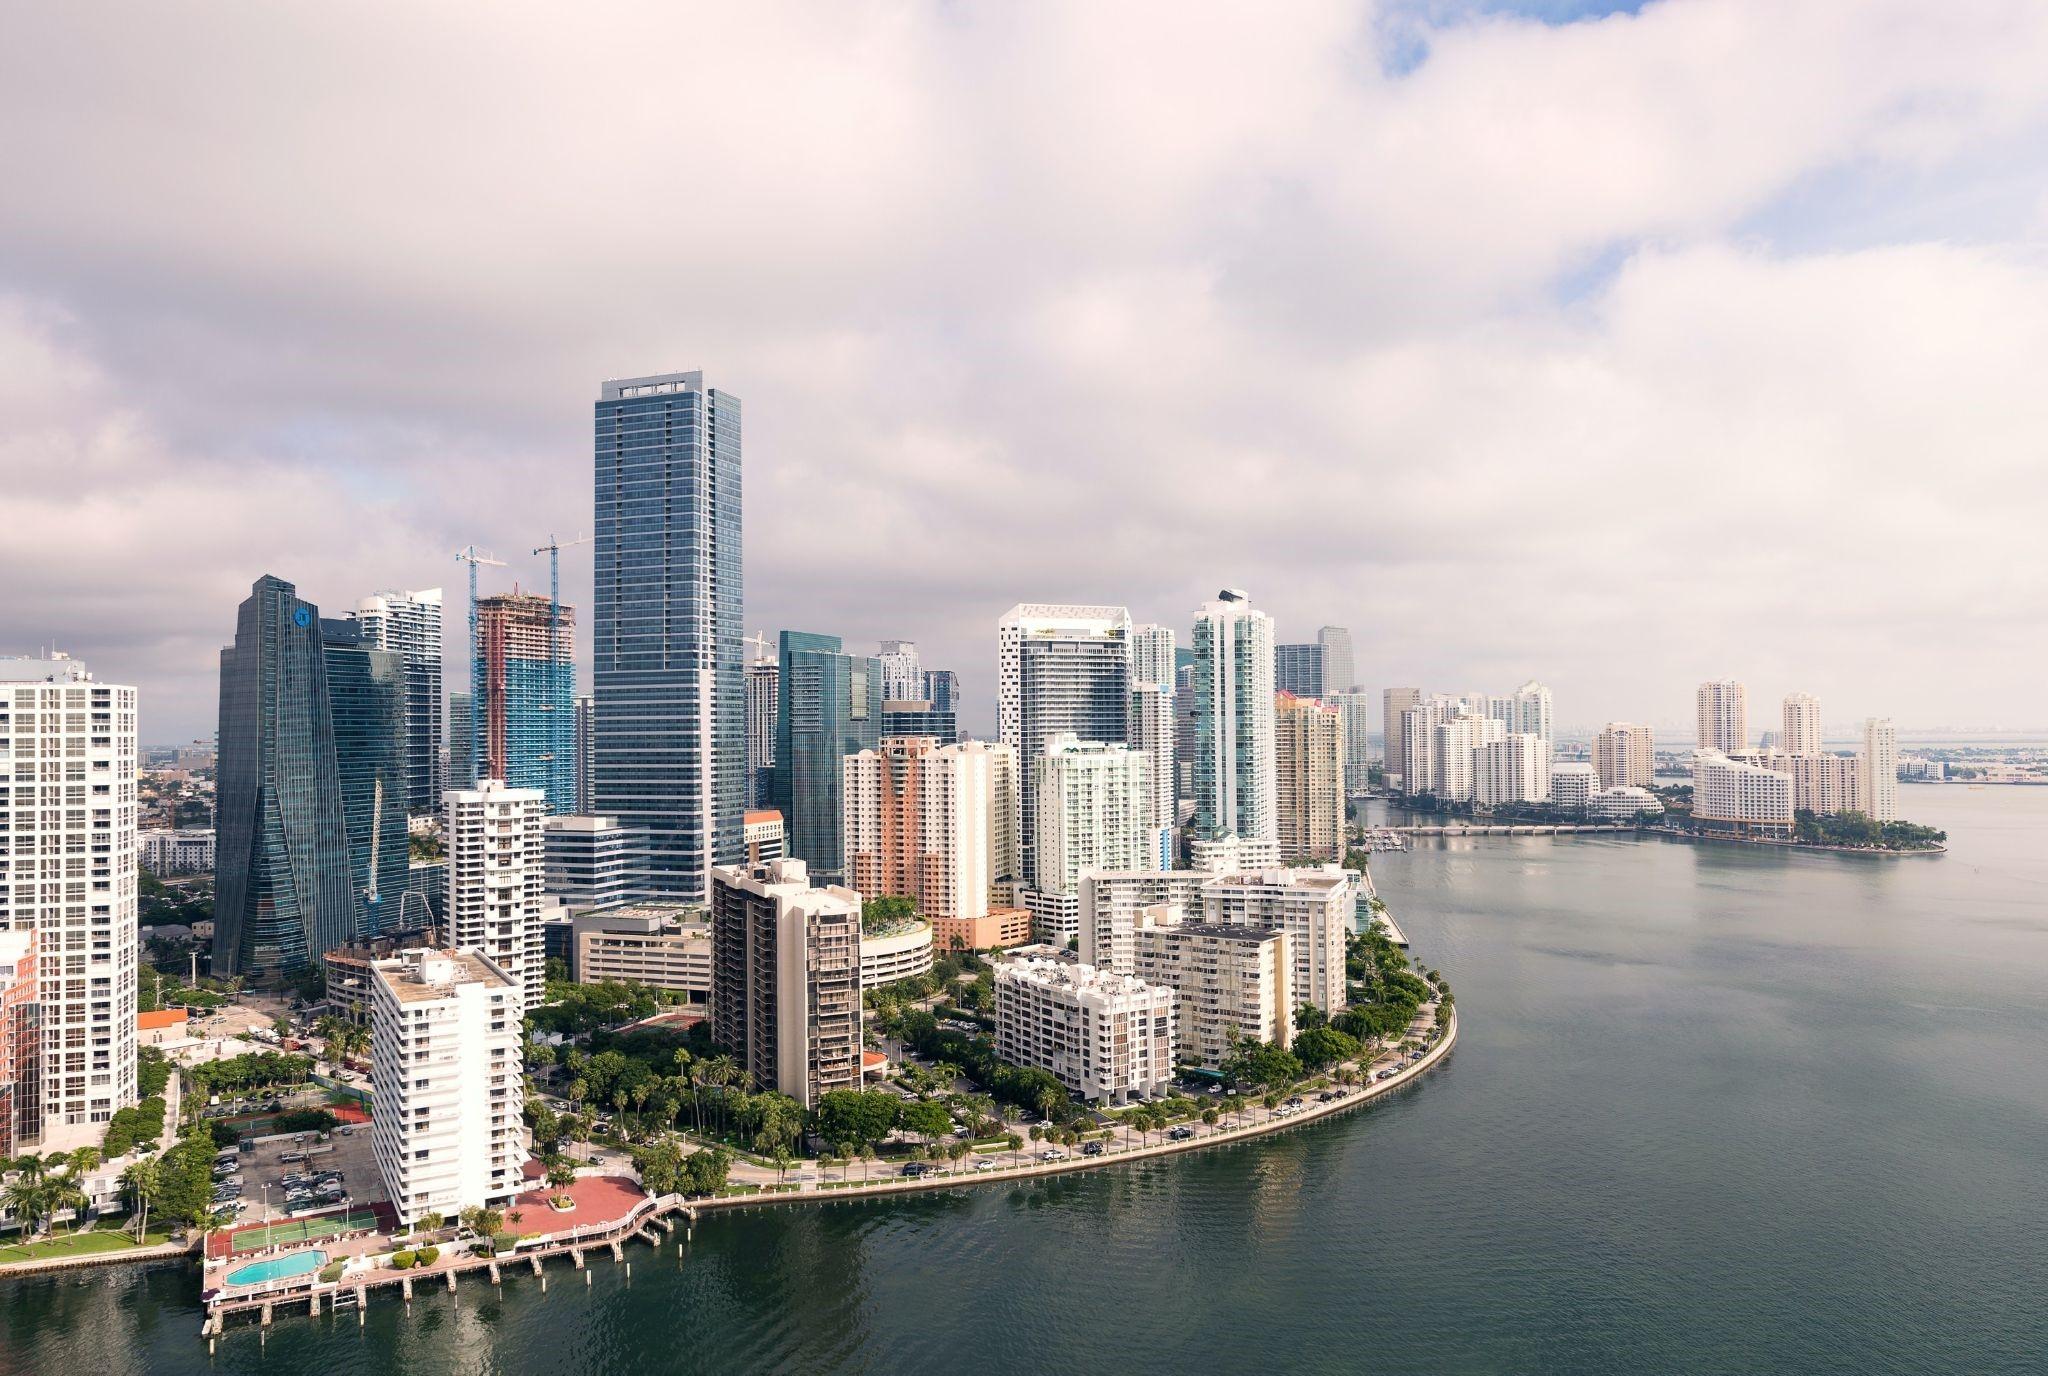 Miami Dade shoreline